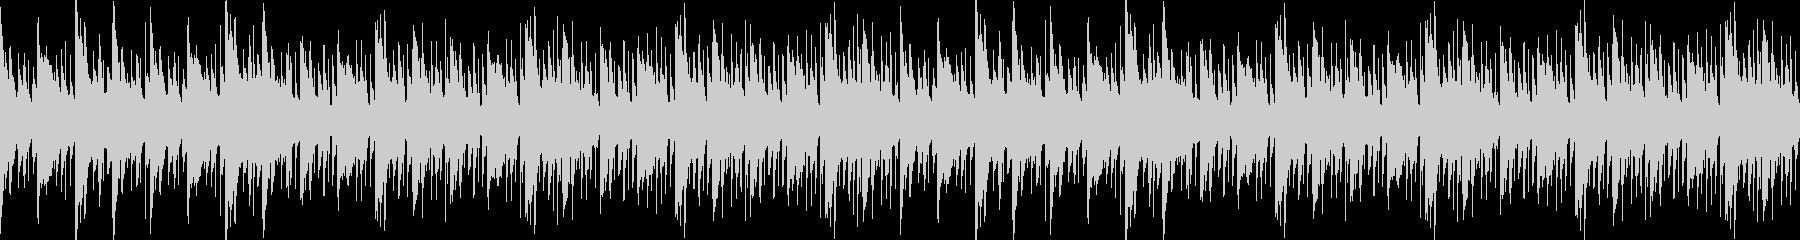 温かい・幻想的・切ない・チルアウトループの未再生の波形